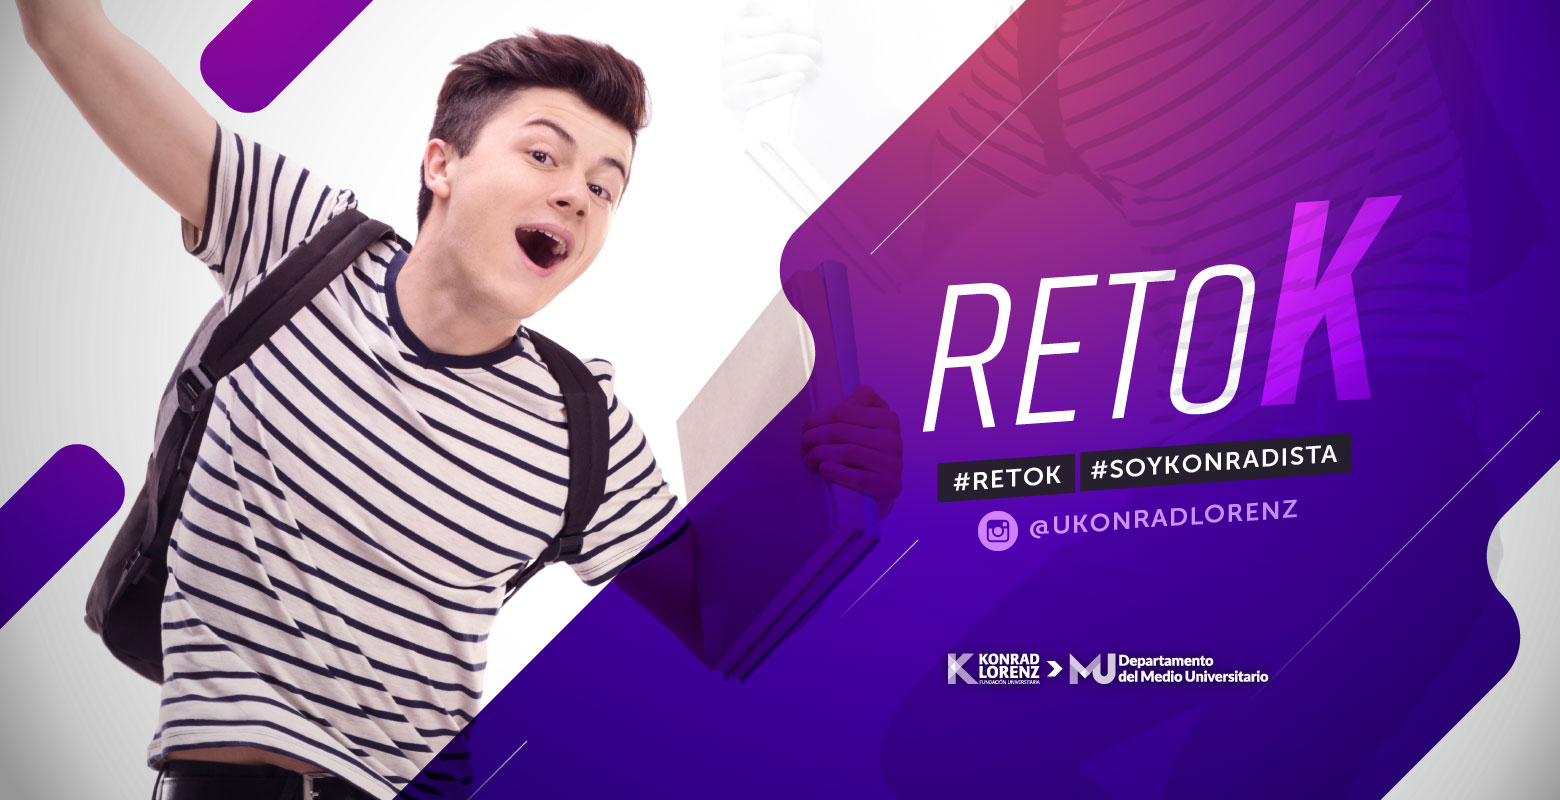 RetoK